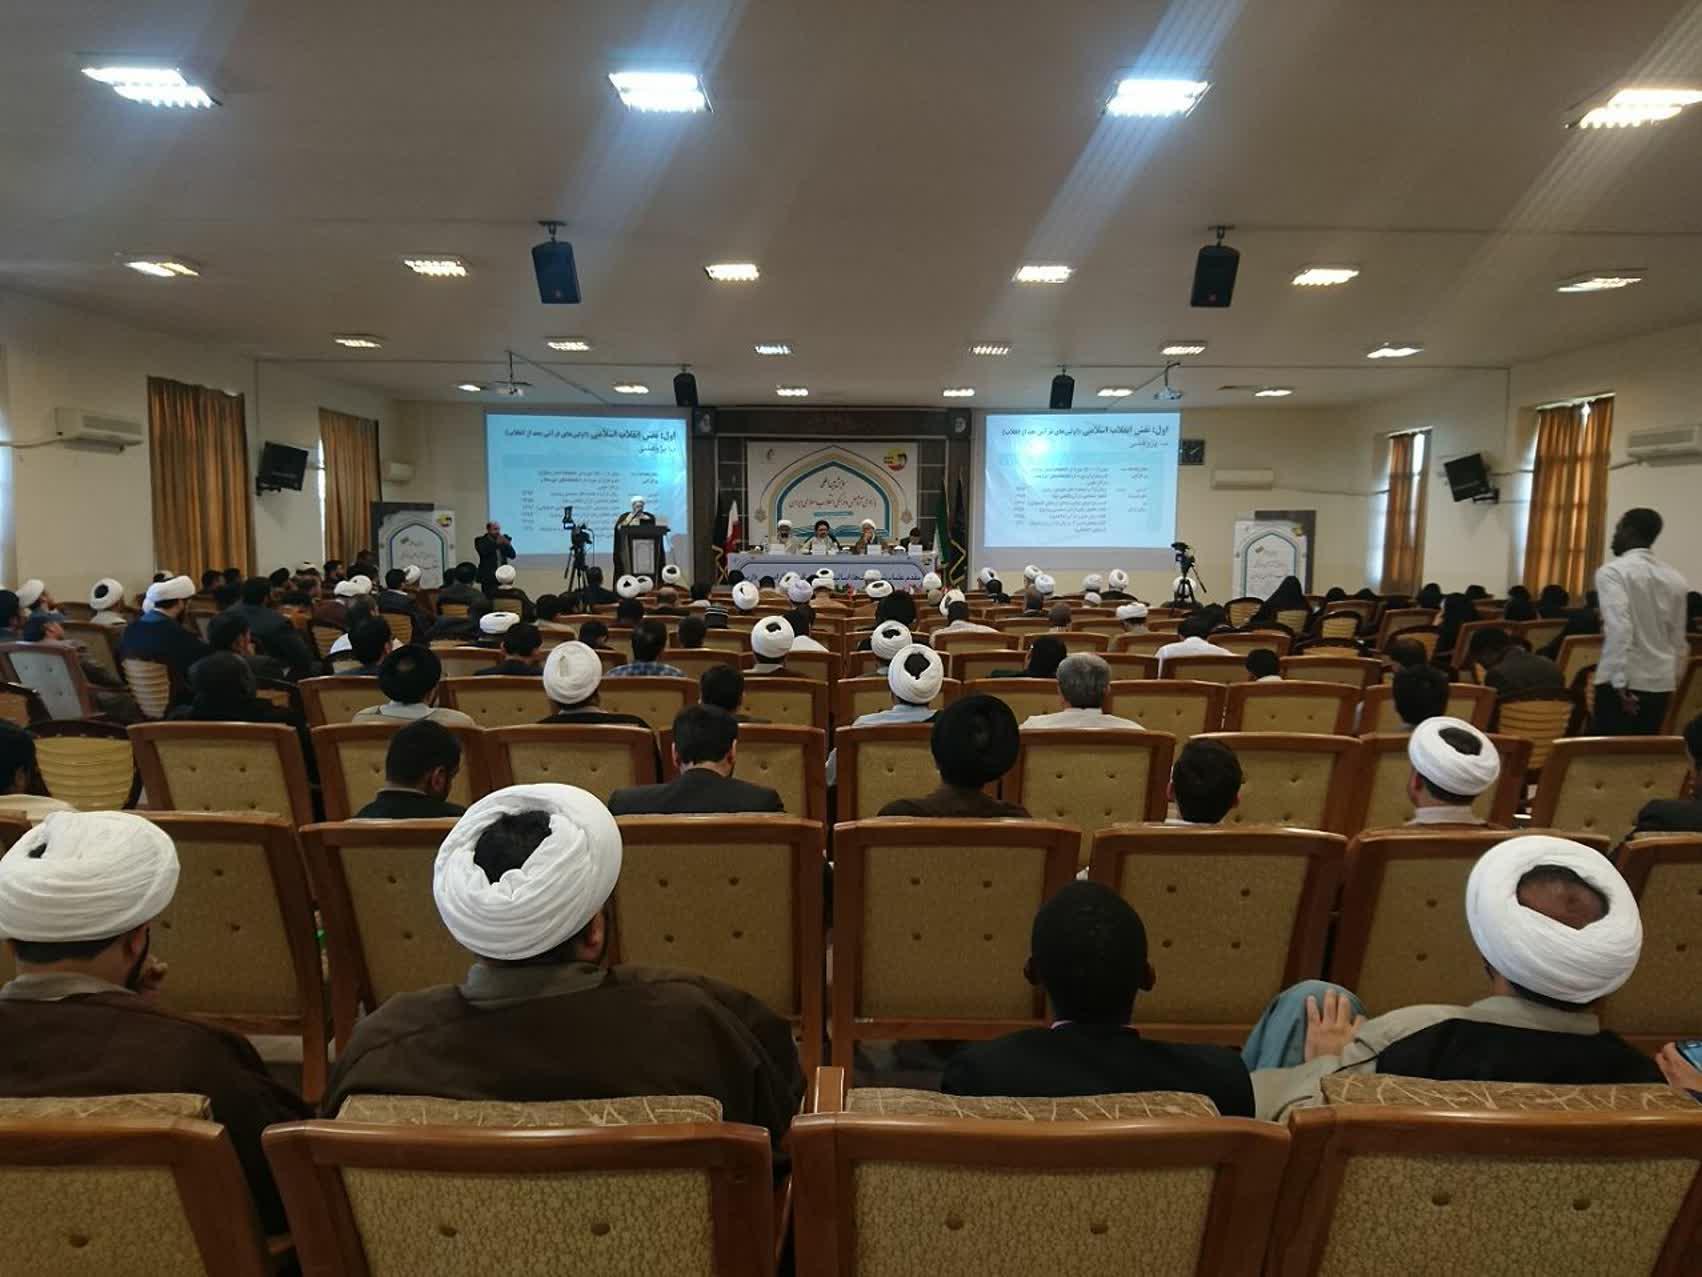 همایش بین المللی« بازخوانی آثار علمی و فرهنگی انقلاب اسلامی ایران